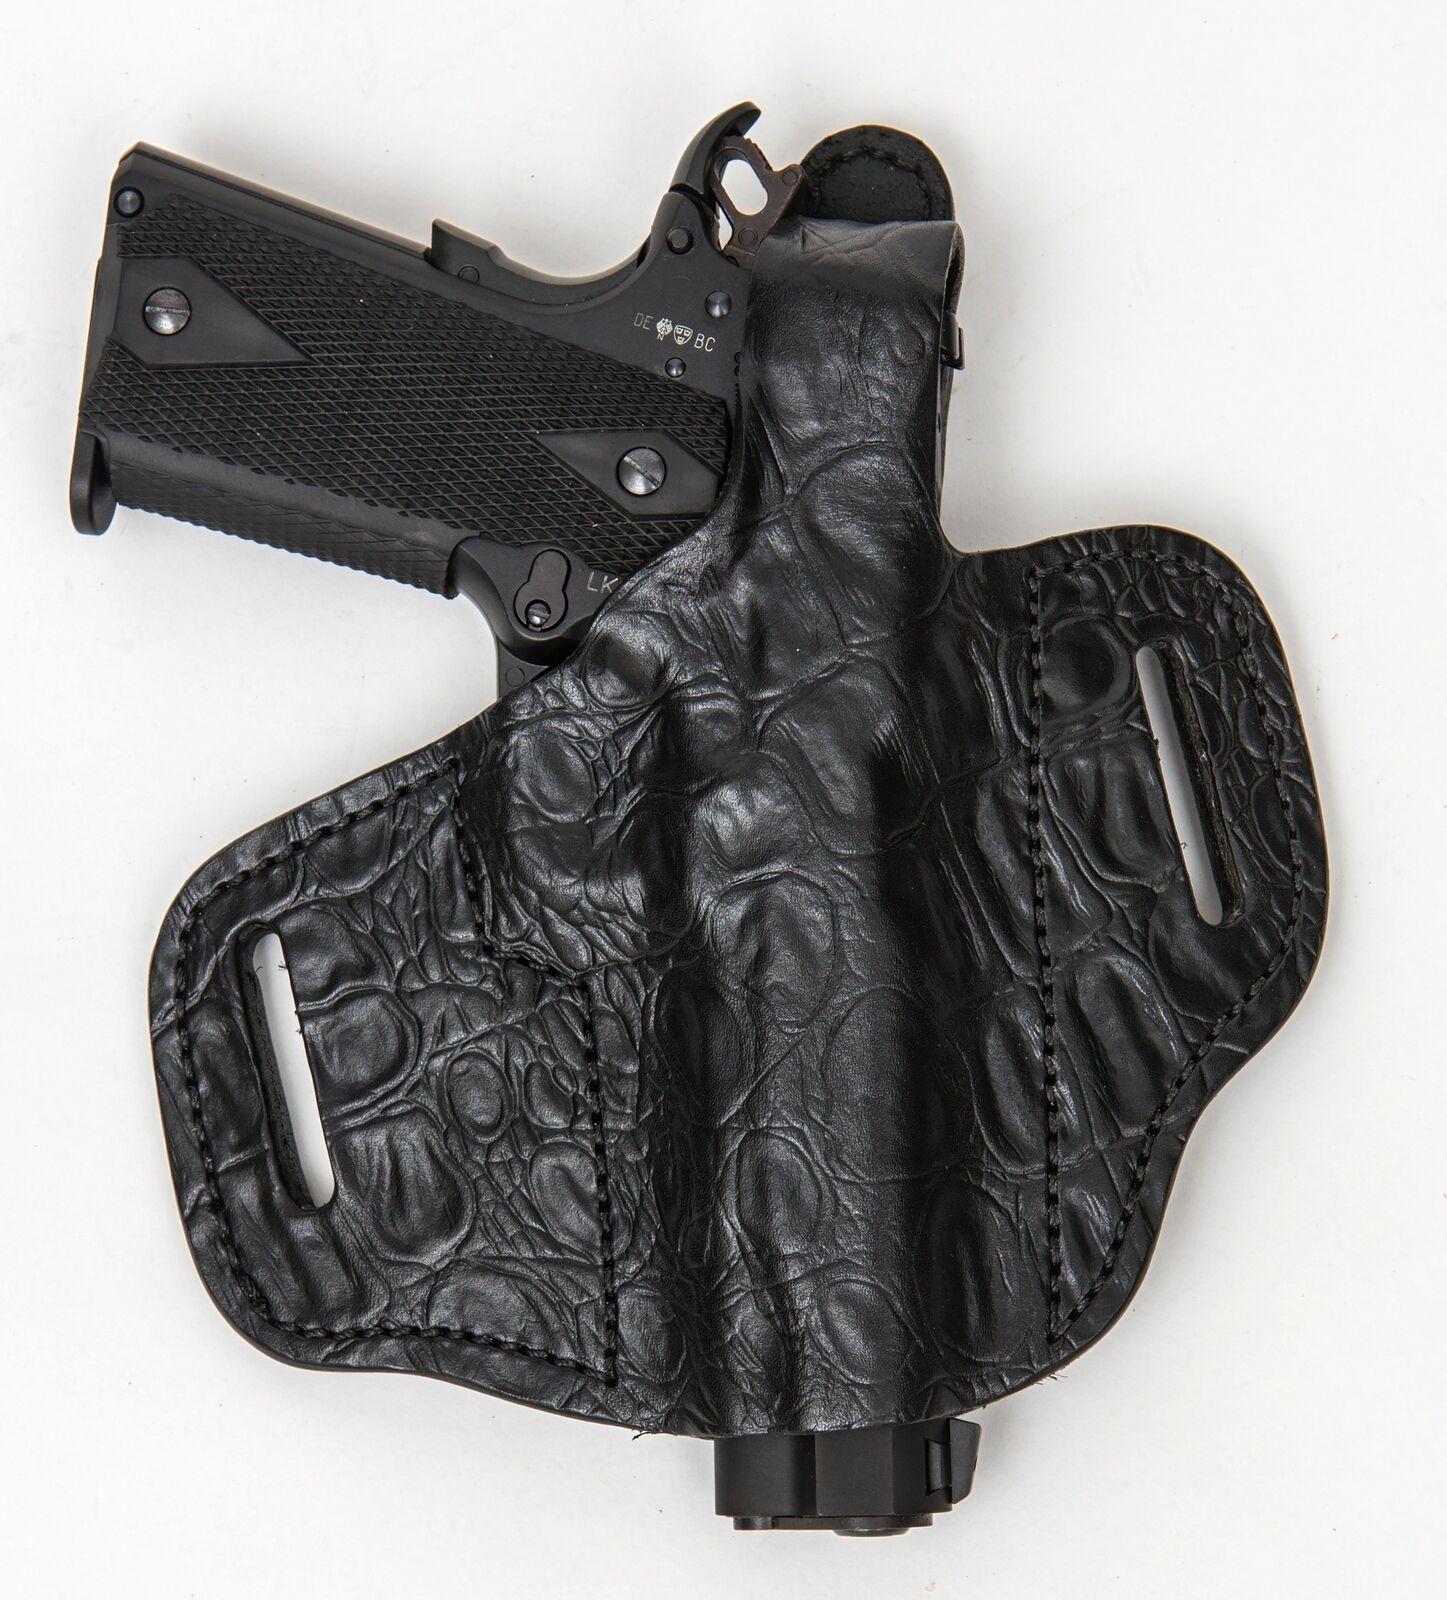 En servicio ocultar RH LH owb Cuero Funda Pistola Para Glock 30s